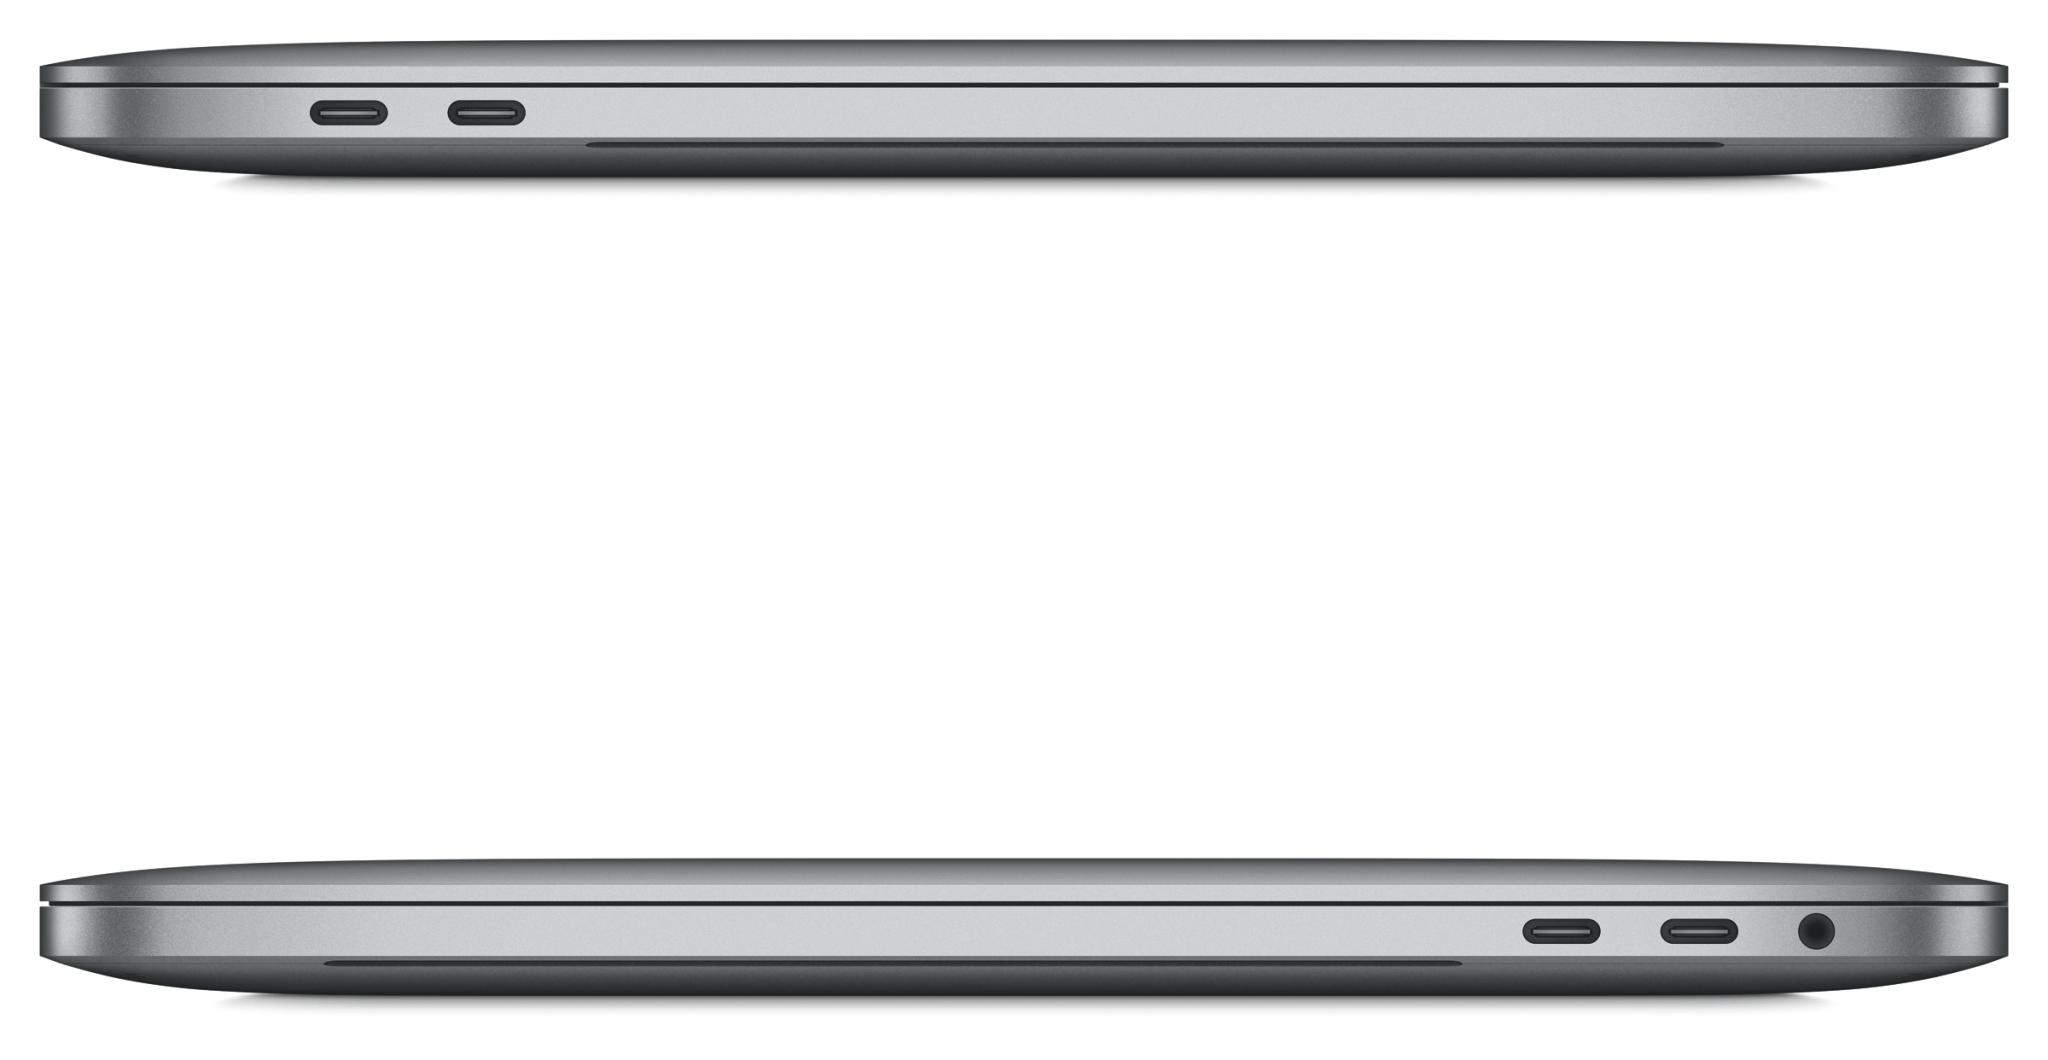 MacBook 2016 in Space Grau, links mit 2 Thunderbolt-Anschlüssen, rechts zusätzlich mit Kopfhörer-Buchse (Bildrechte: Apple)